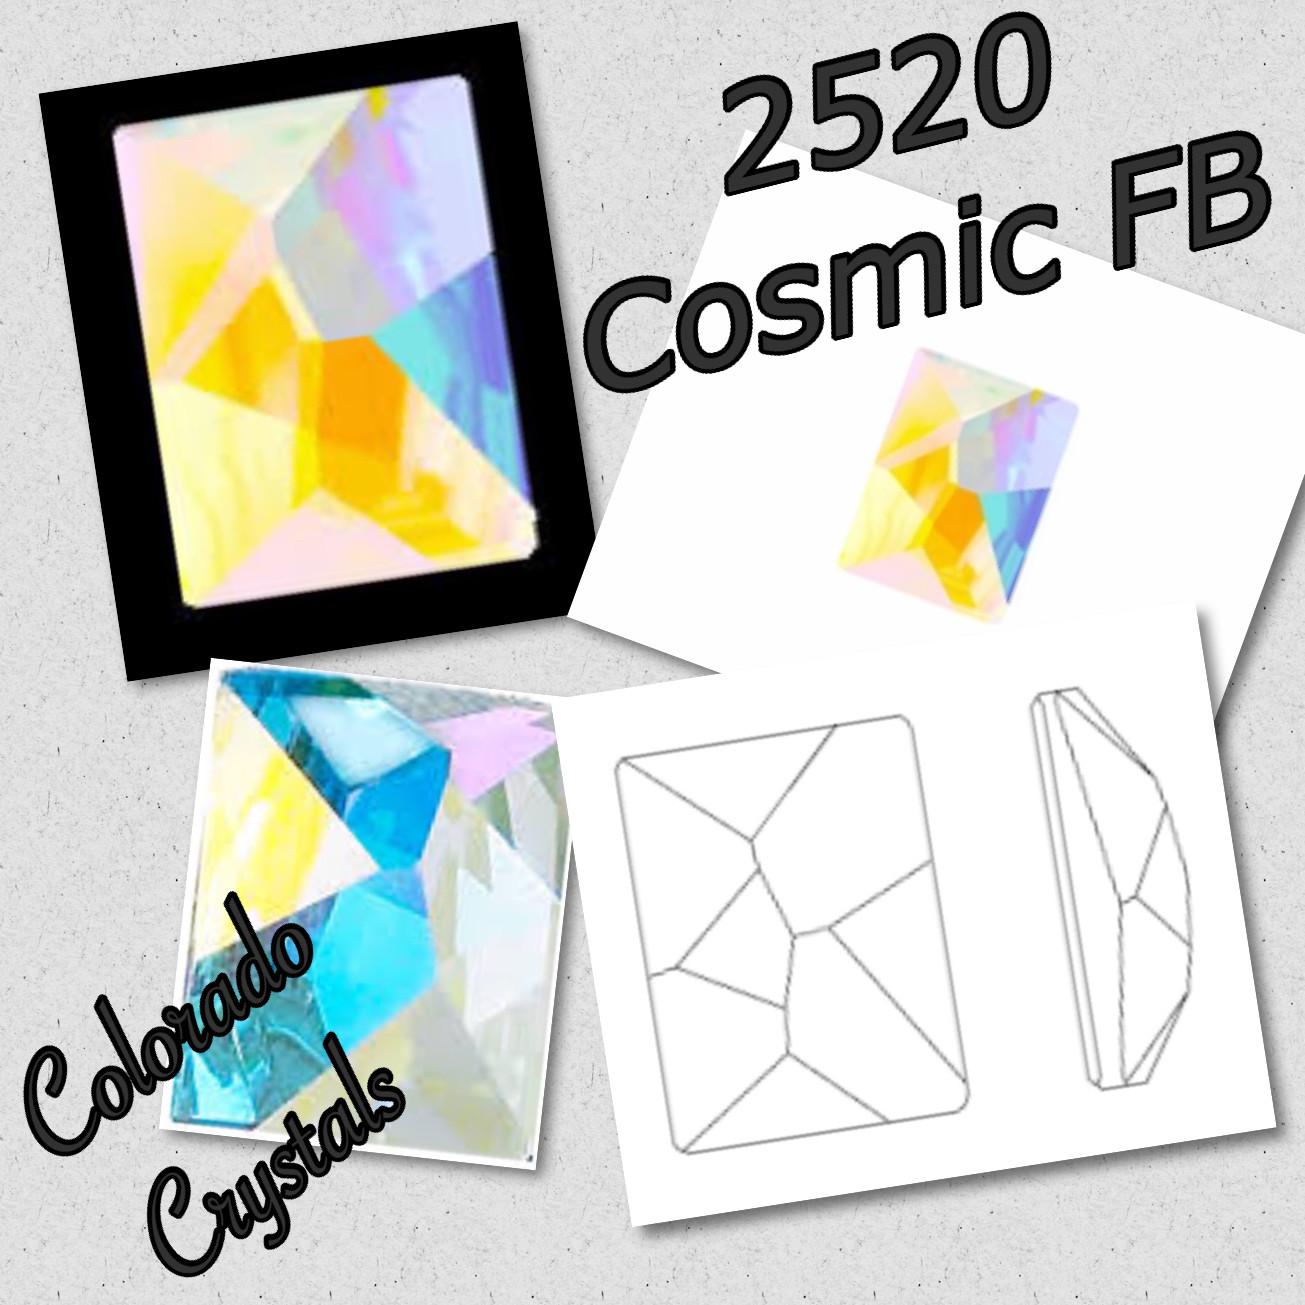 2520 Cosmic Swarovski - Fancy Flatback 14X10 Crystal AB